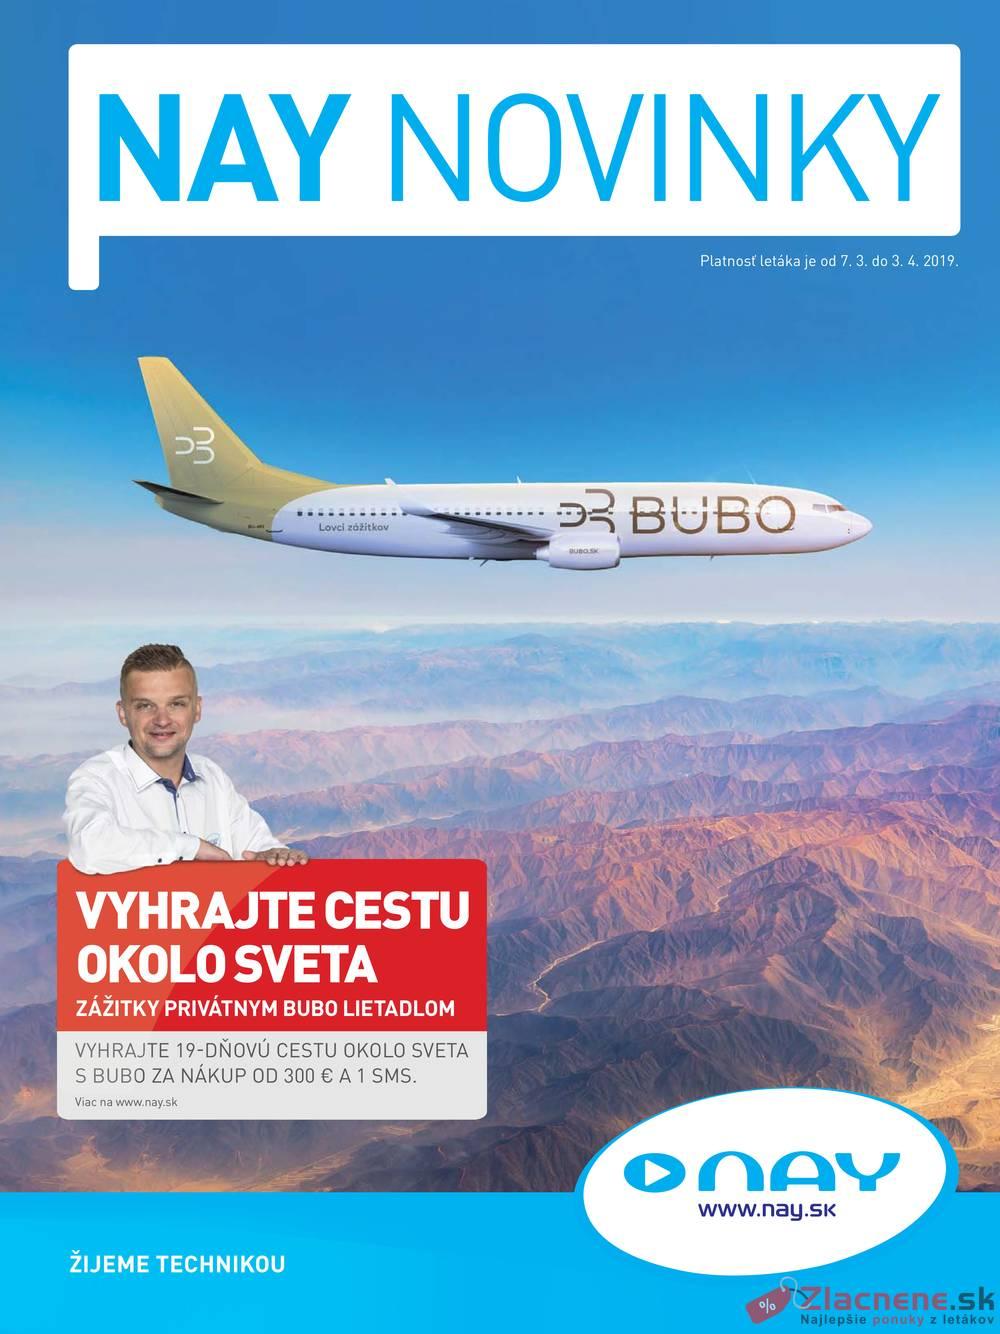 Leták NAY - Nay 7.3 - 3.4 - strana 1